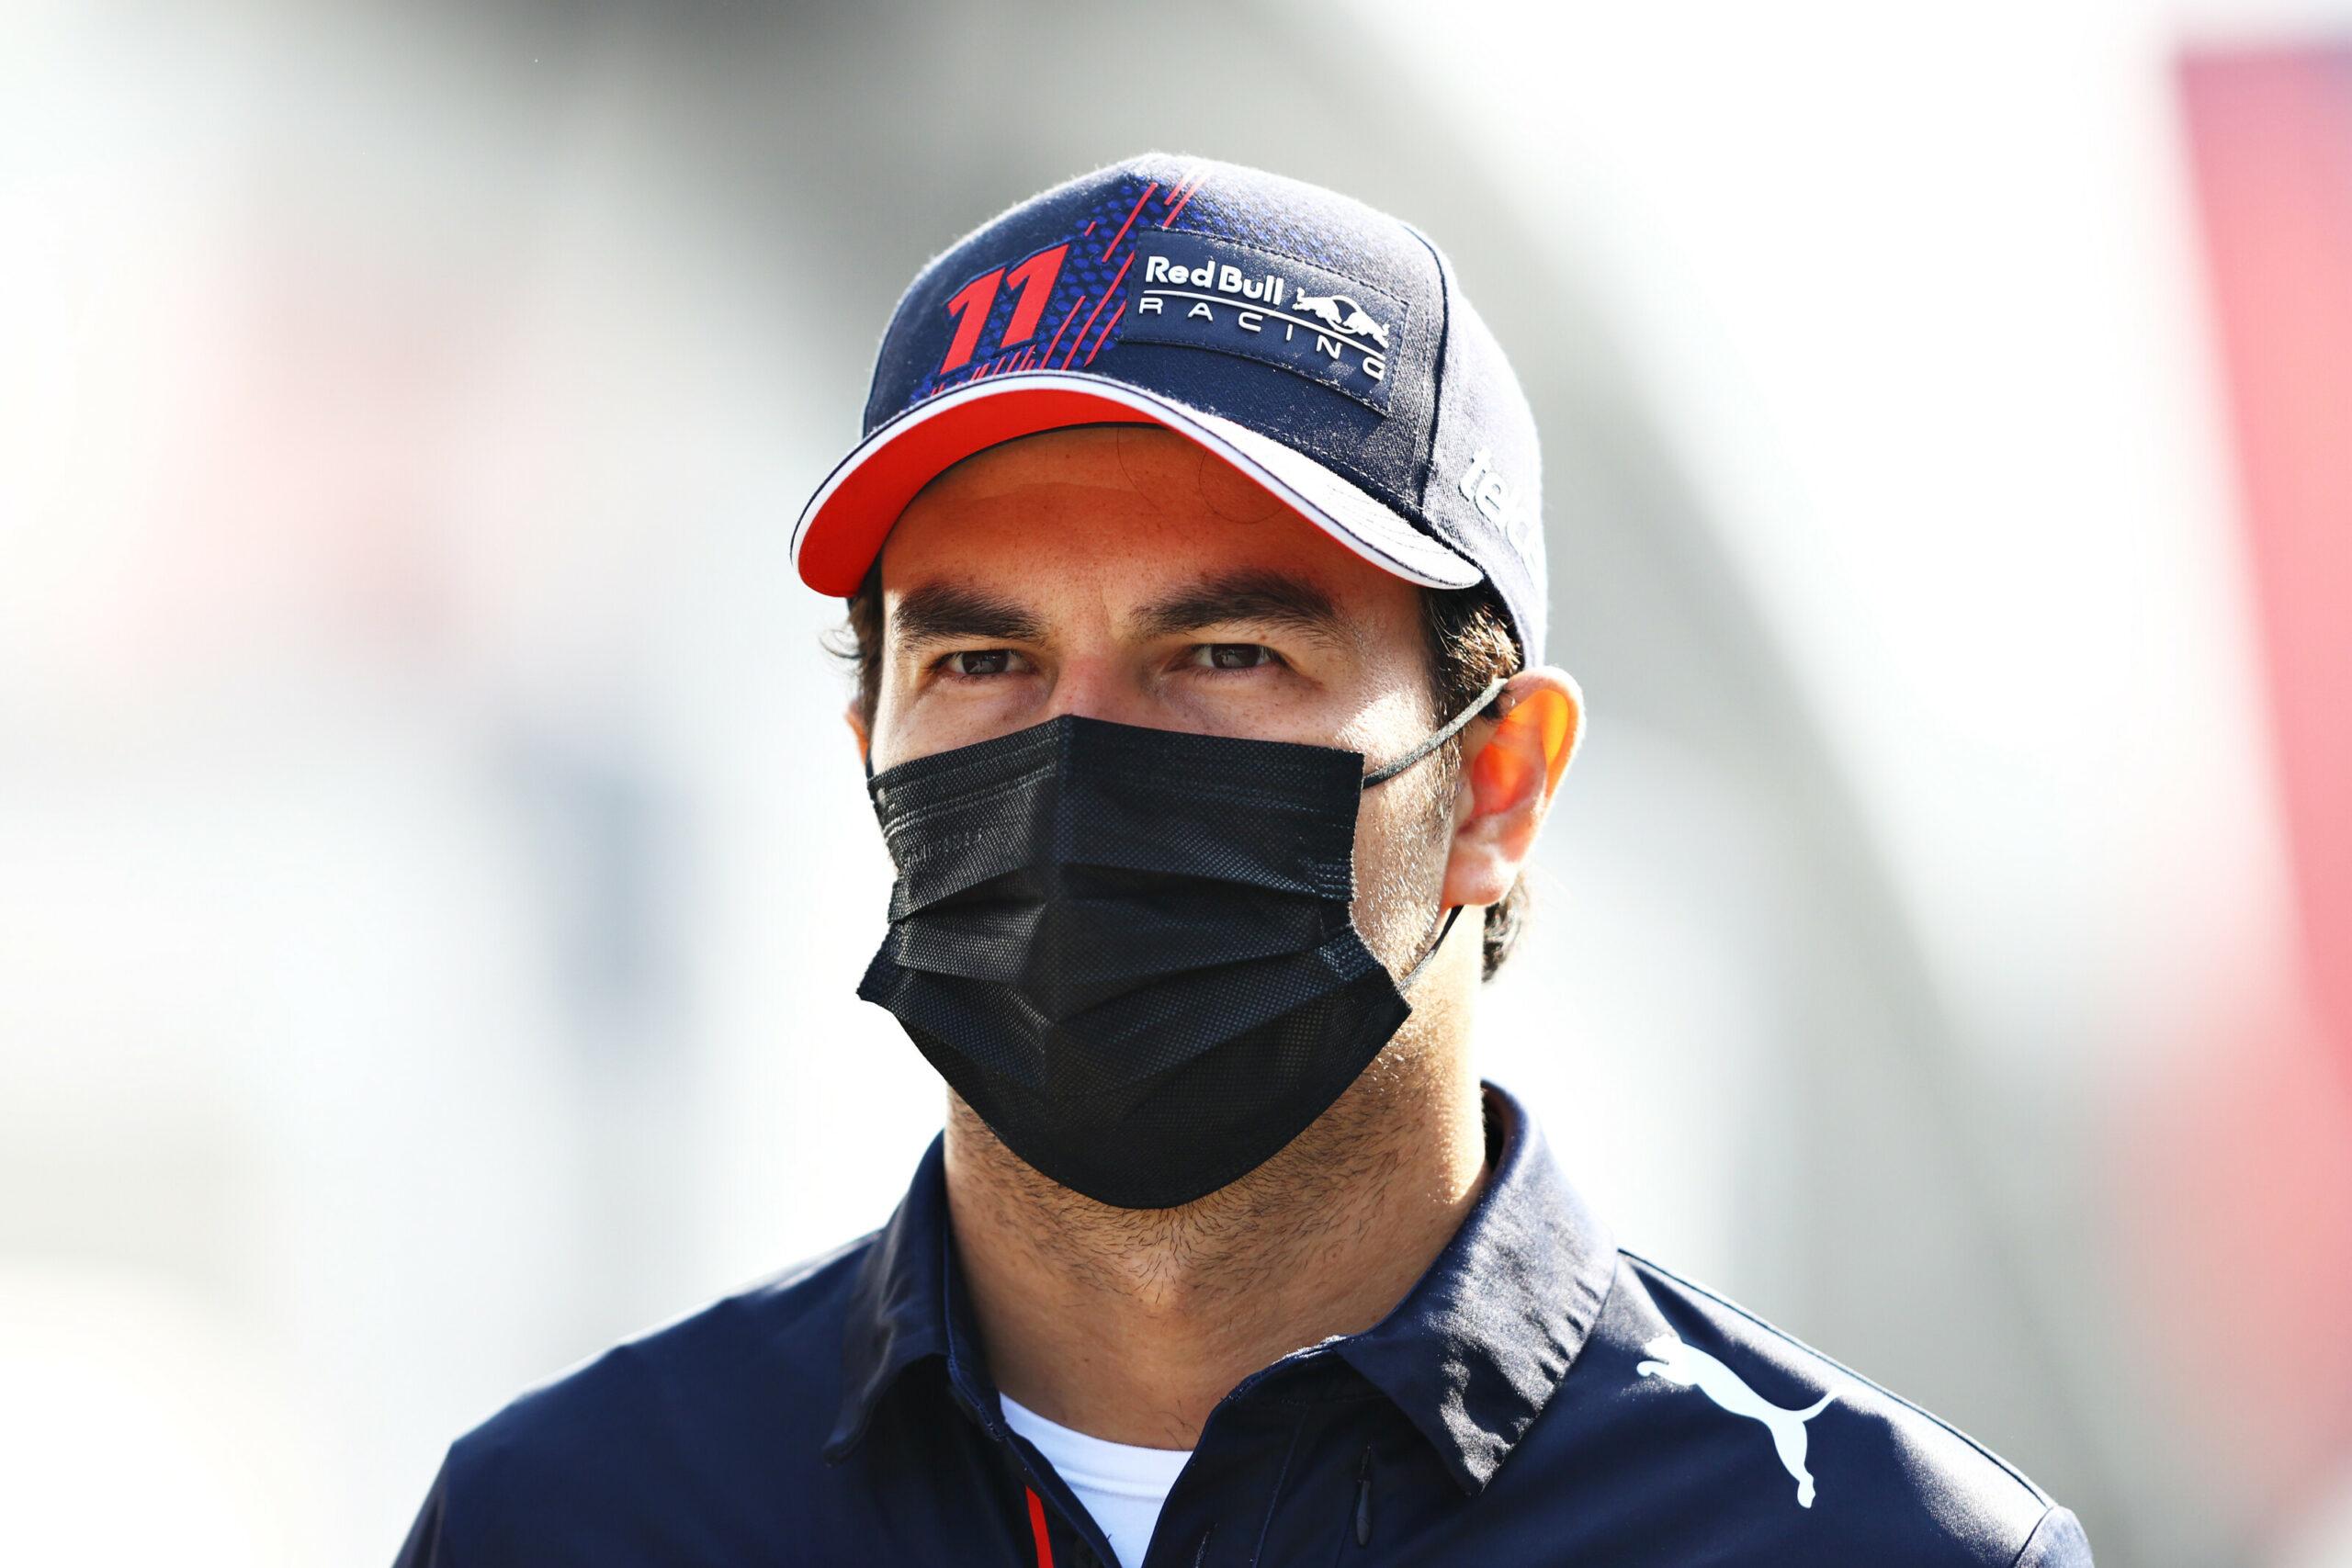 F1 - Perez à la recherche d'un week-end propre depuis le GP d'Autriche